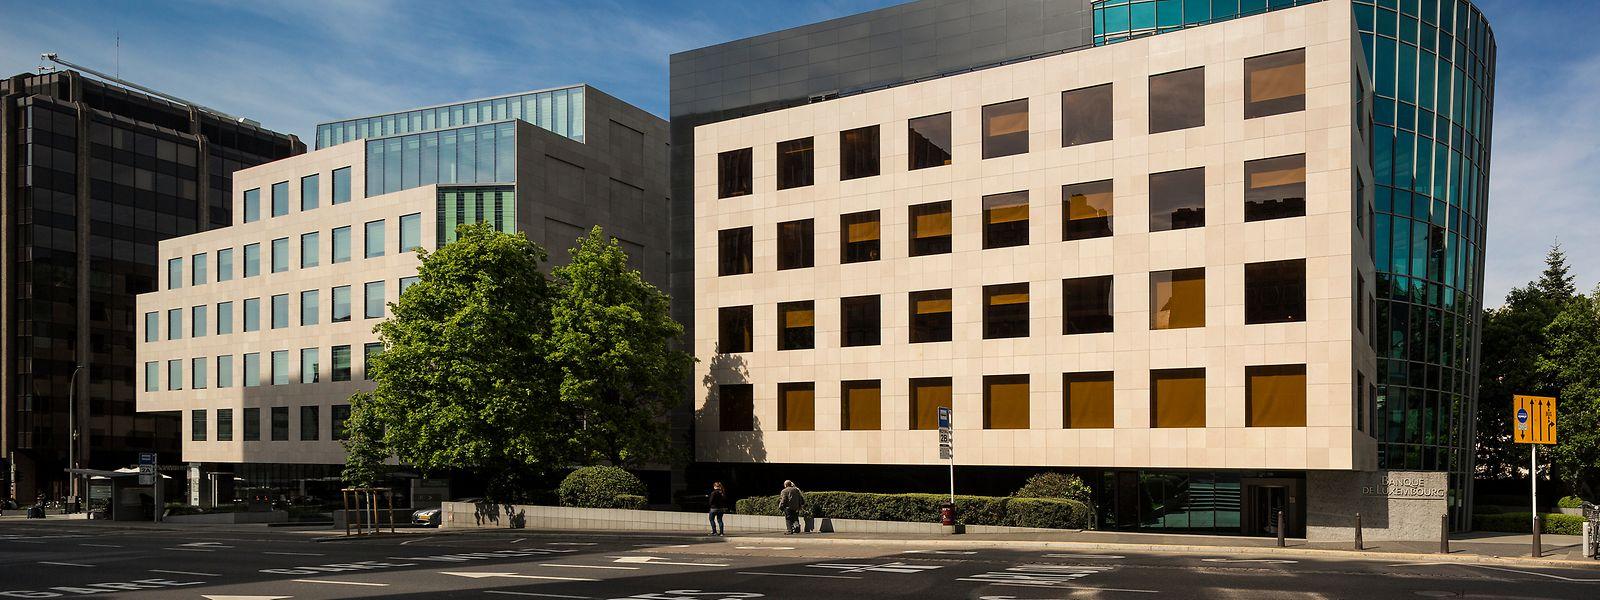 1988 beschlossen, 1994 eröffnet: Der Geschäftssitz der Banque de Luxembourg am Boulevard Royal 14 wurde vom Büro Arquitectonica (Miami) entworfen. Das Gebäude setzt am Bankenplatz architektonische Maßstäbe.